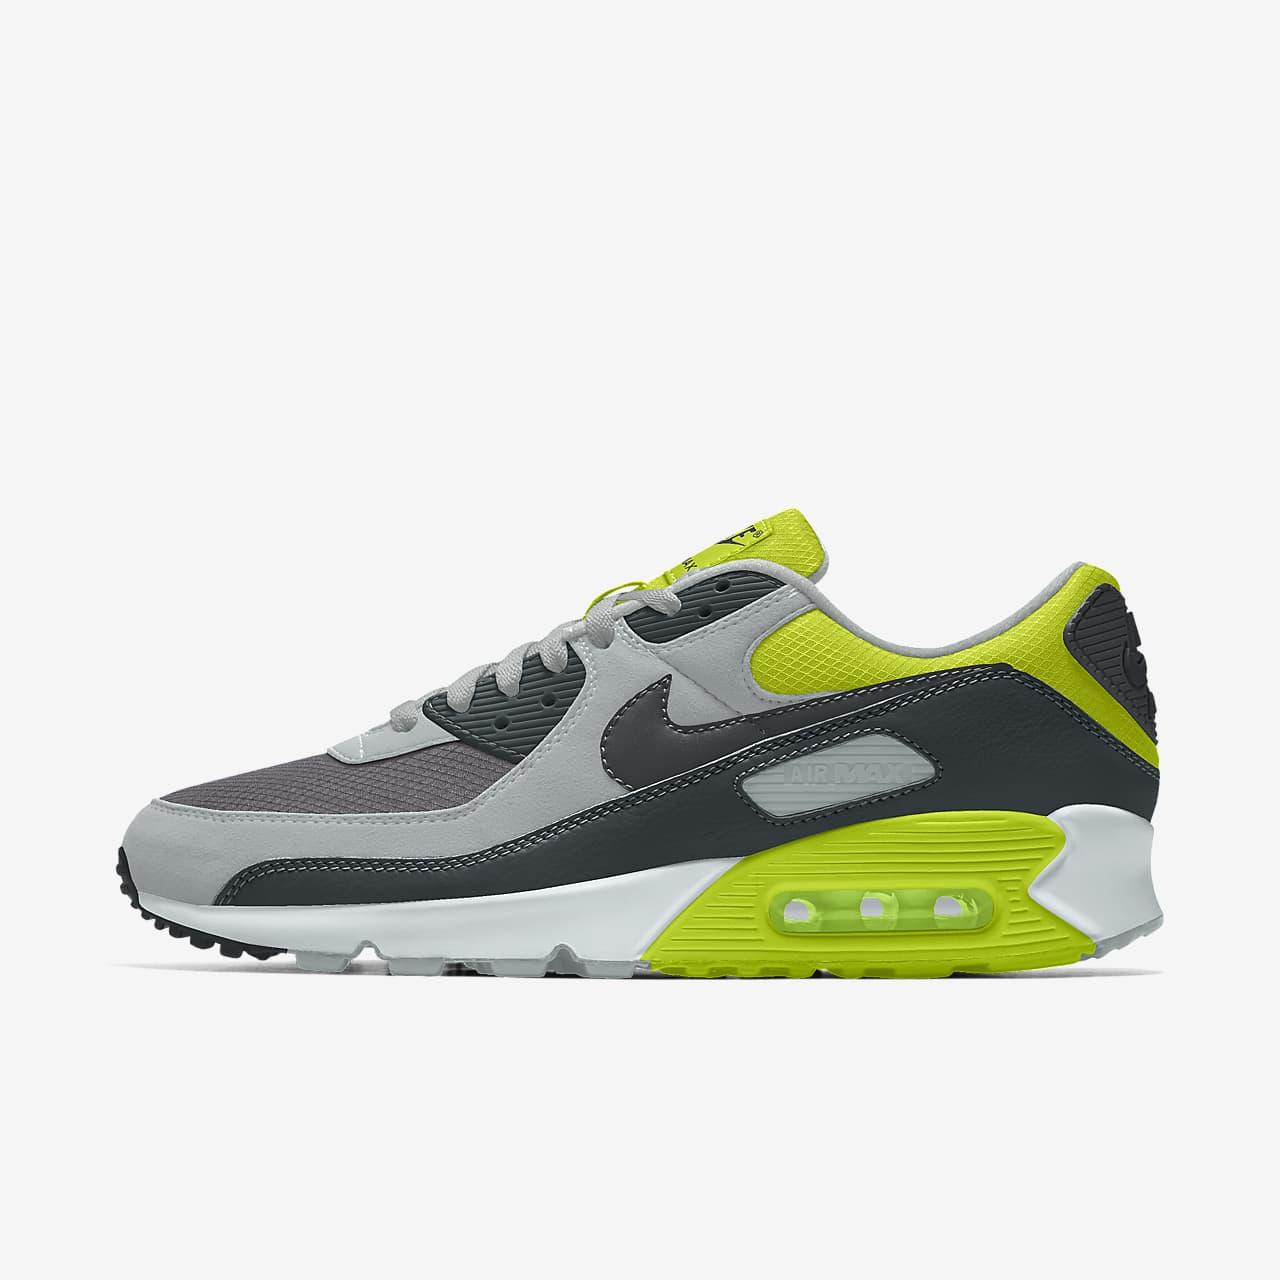 Nike Air Max 90 Unlocked By You Custom lifestyleschoen voor dames